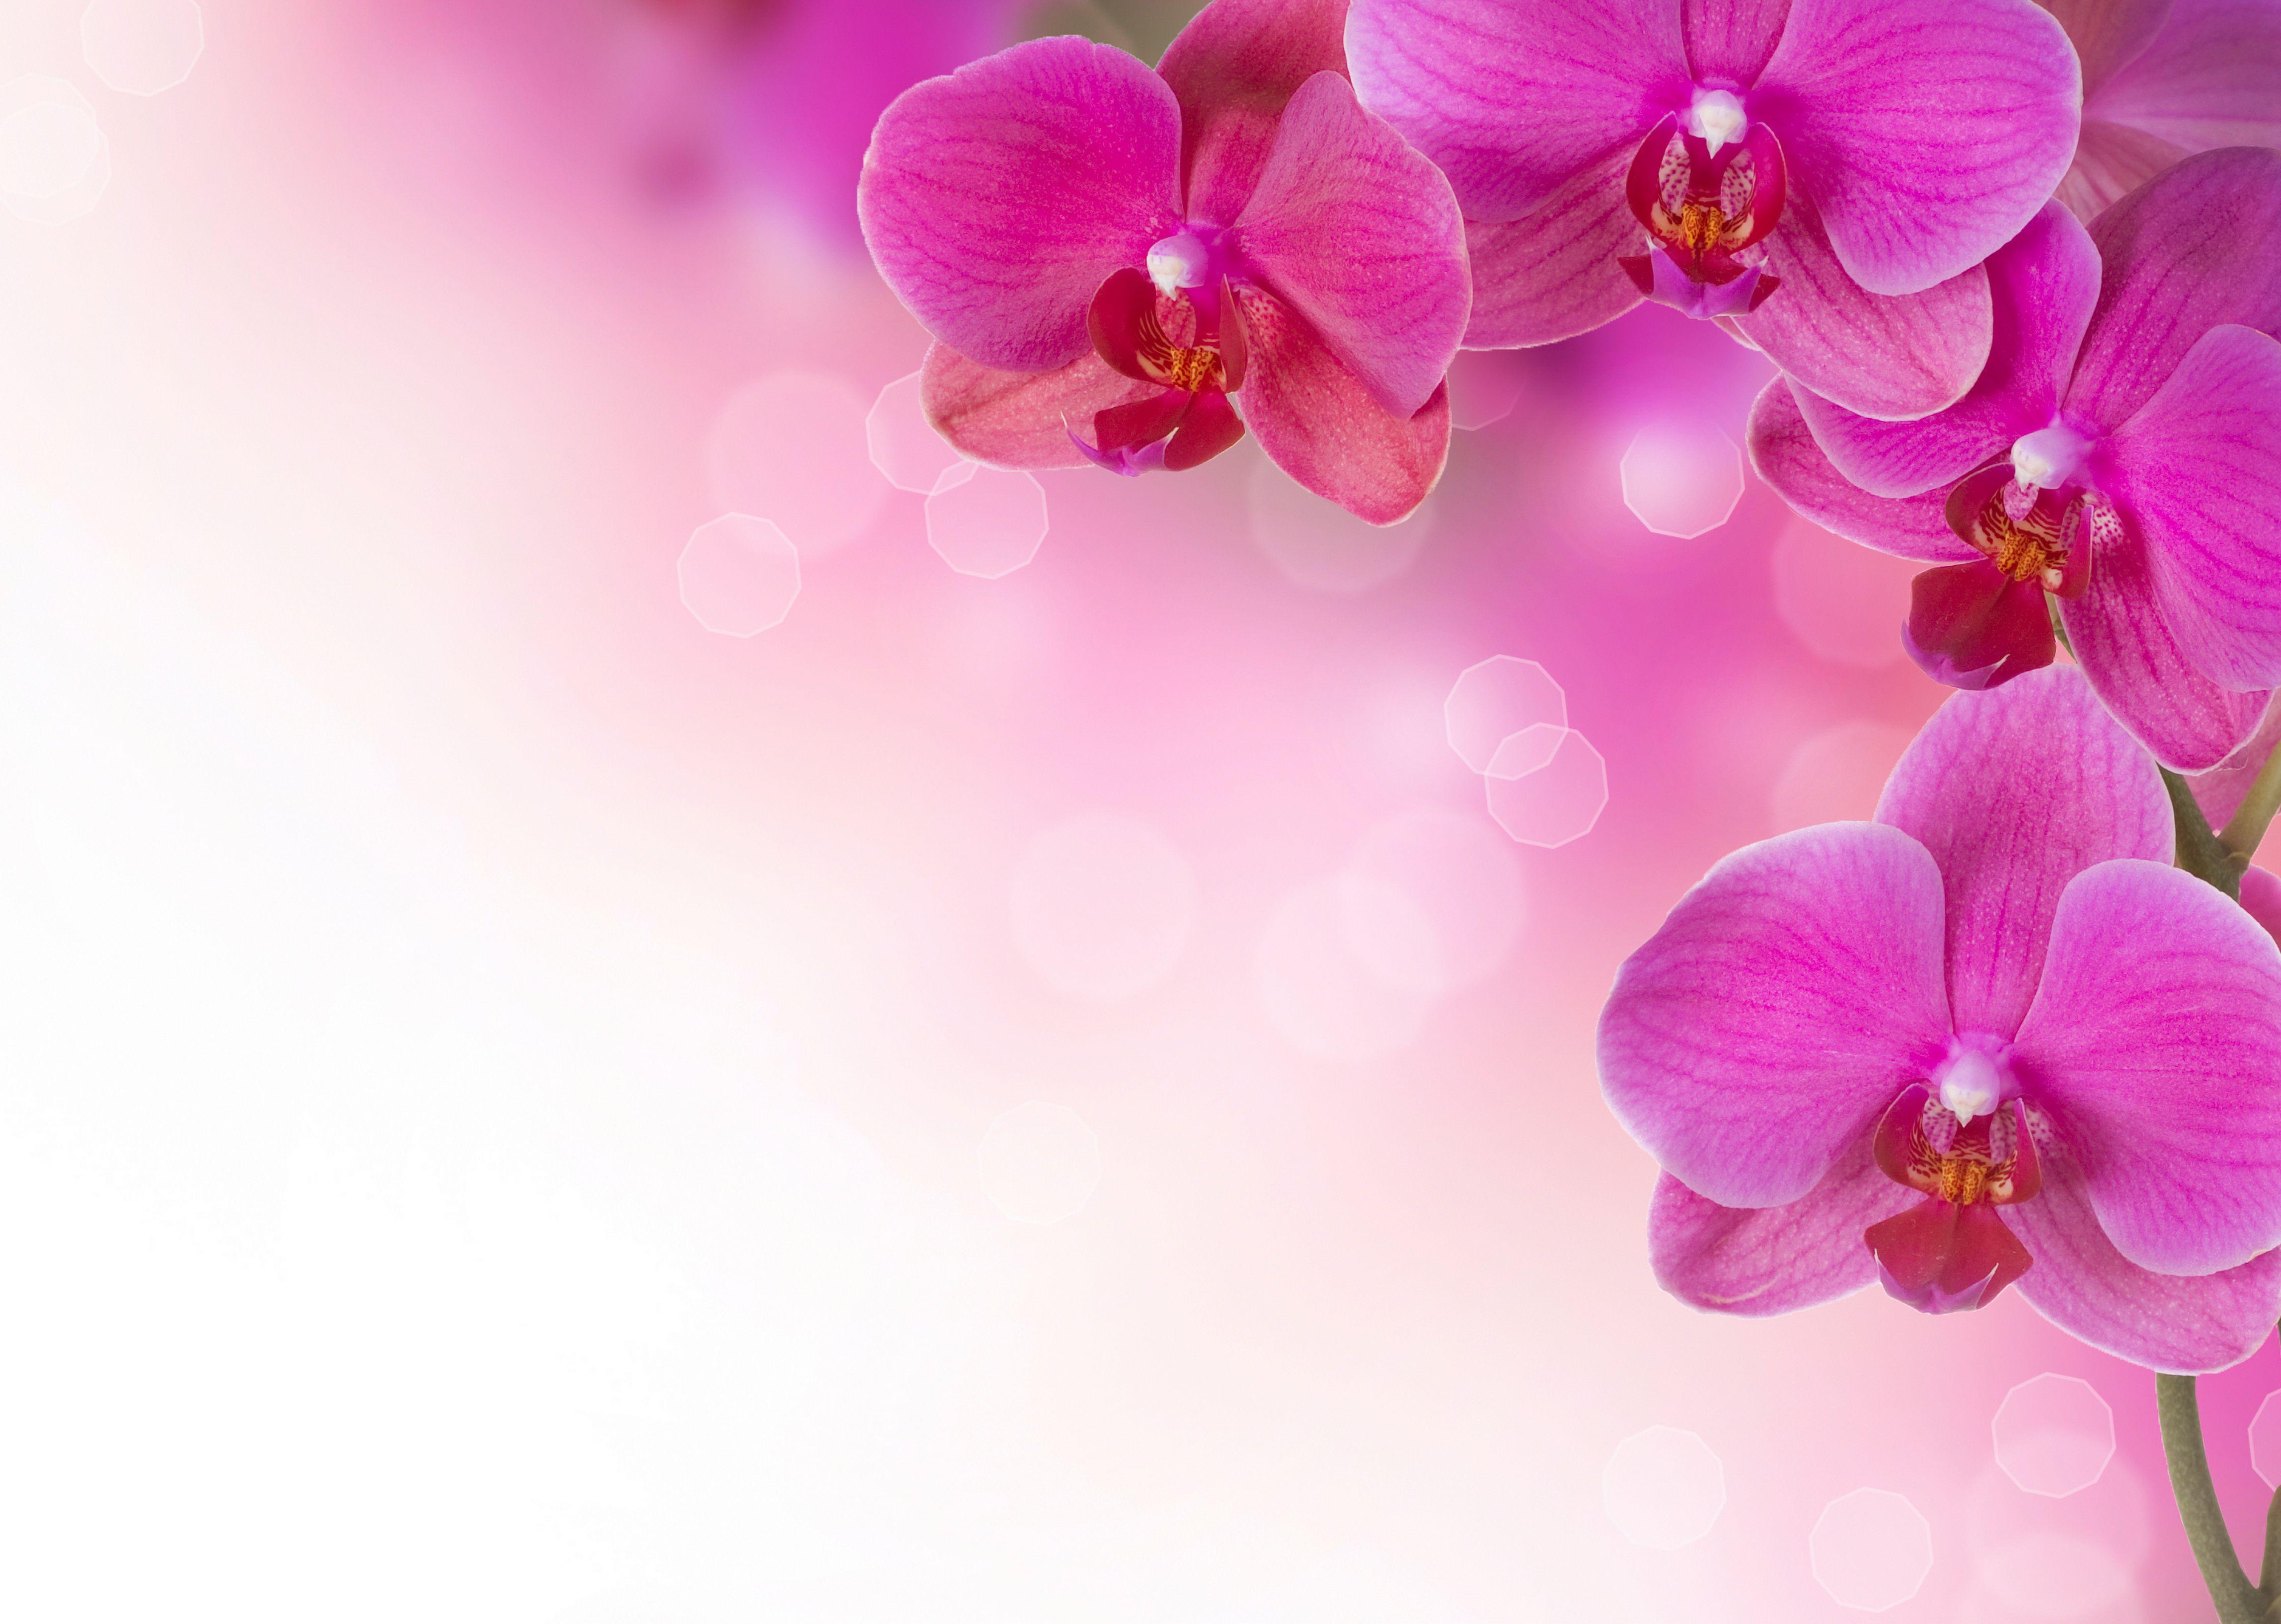 Blumen Hintergrundbilder Pink Flowers Wallpaper Orchid Wallpaper Flower Images Wallpapers